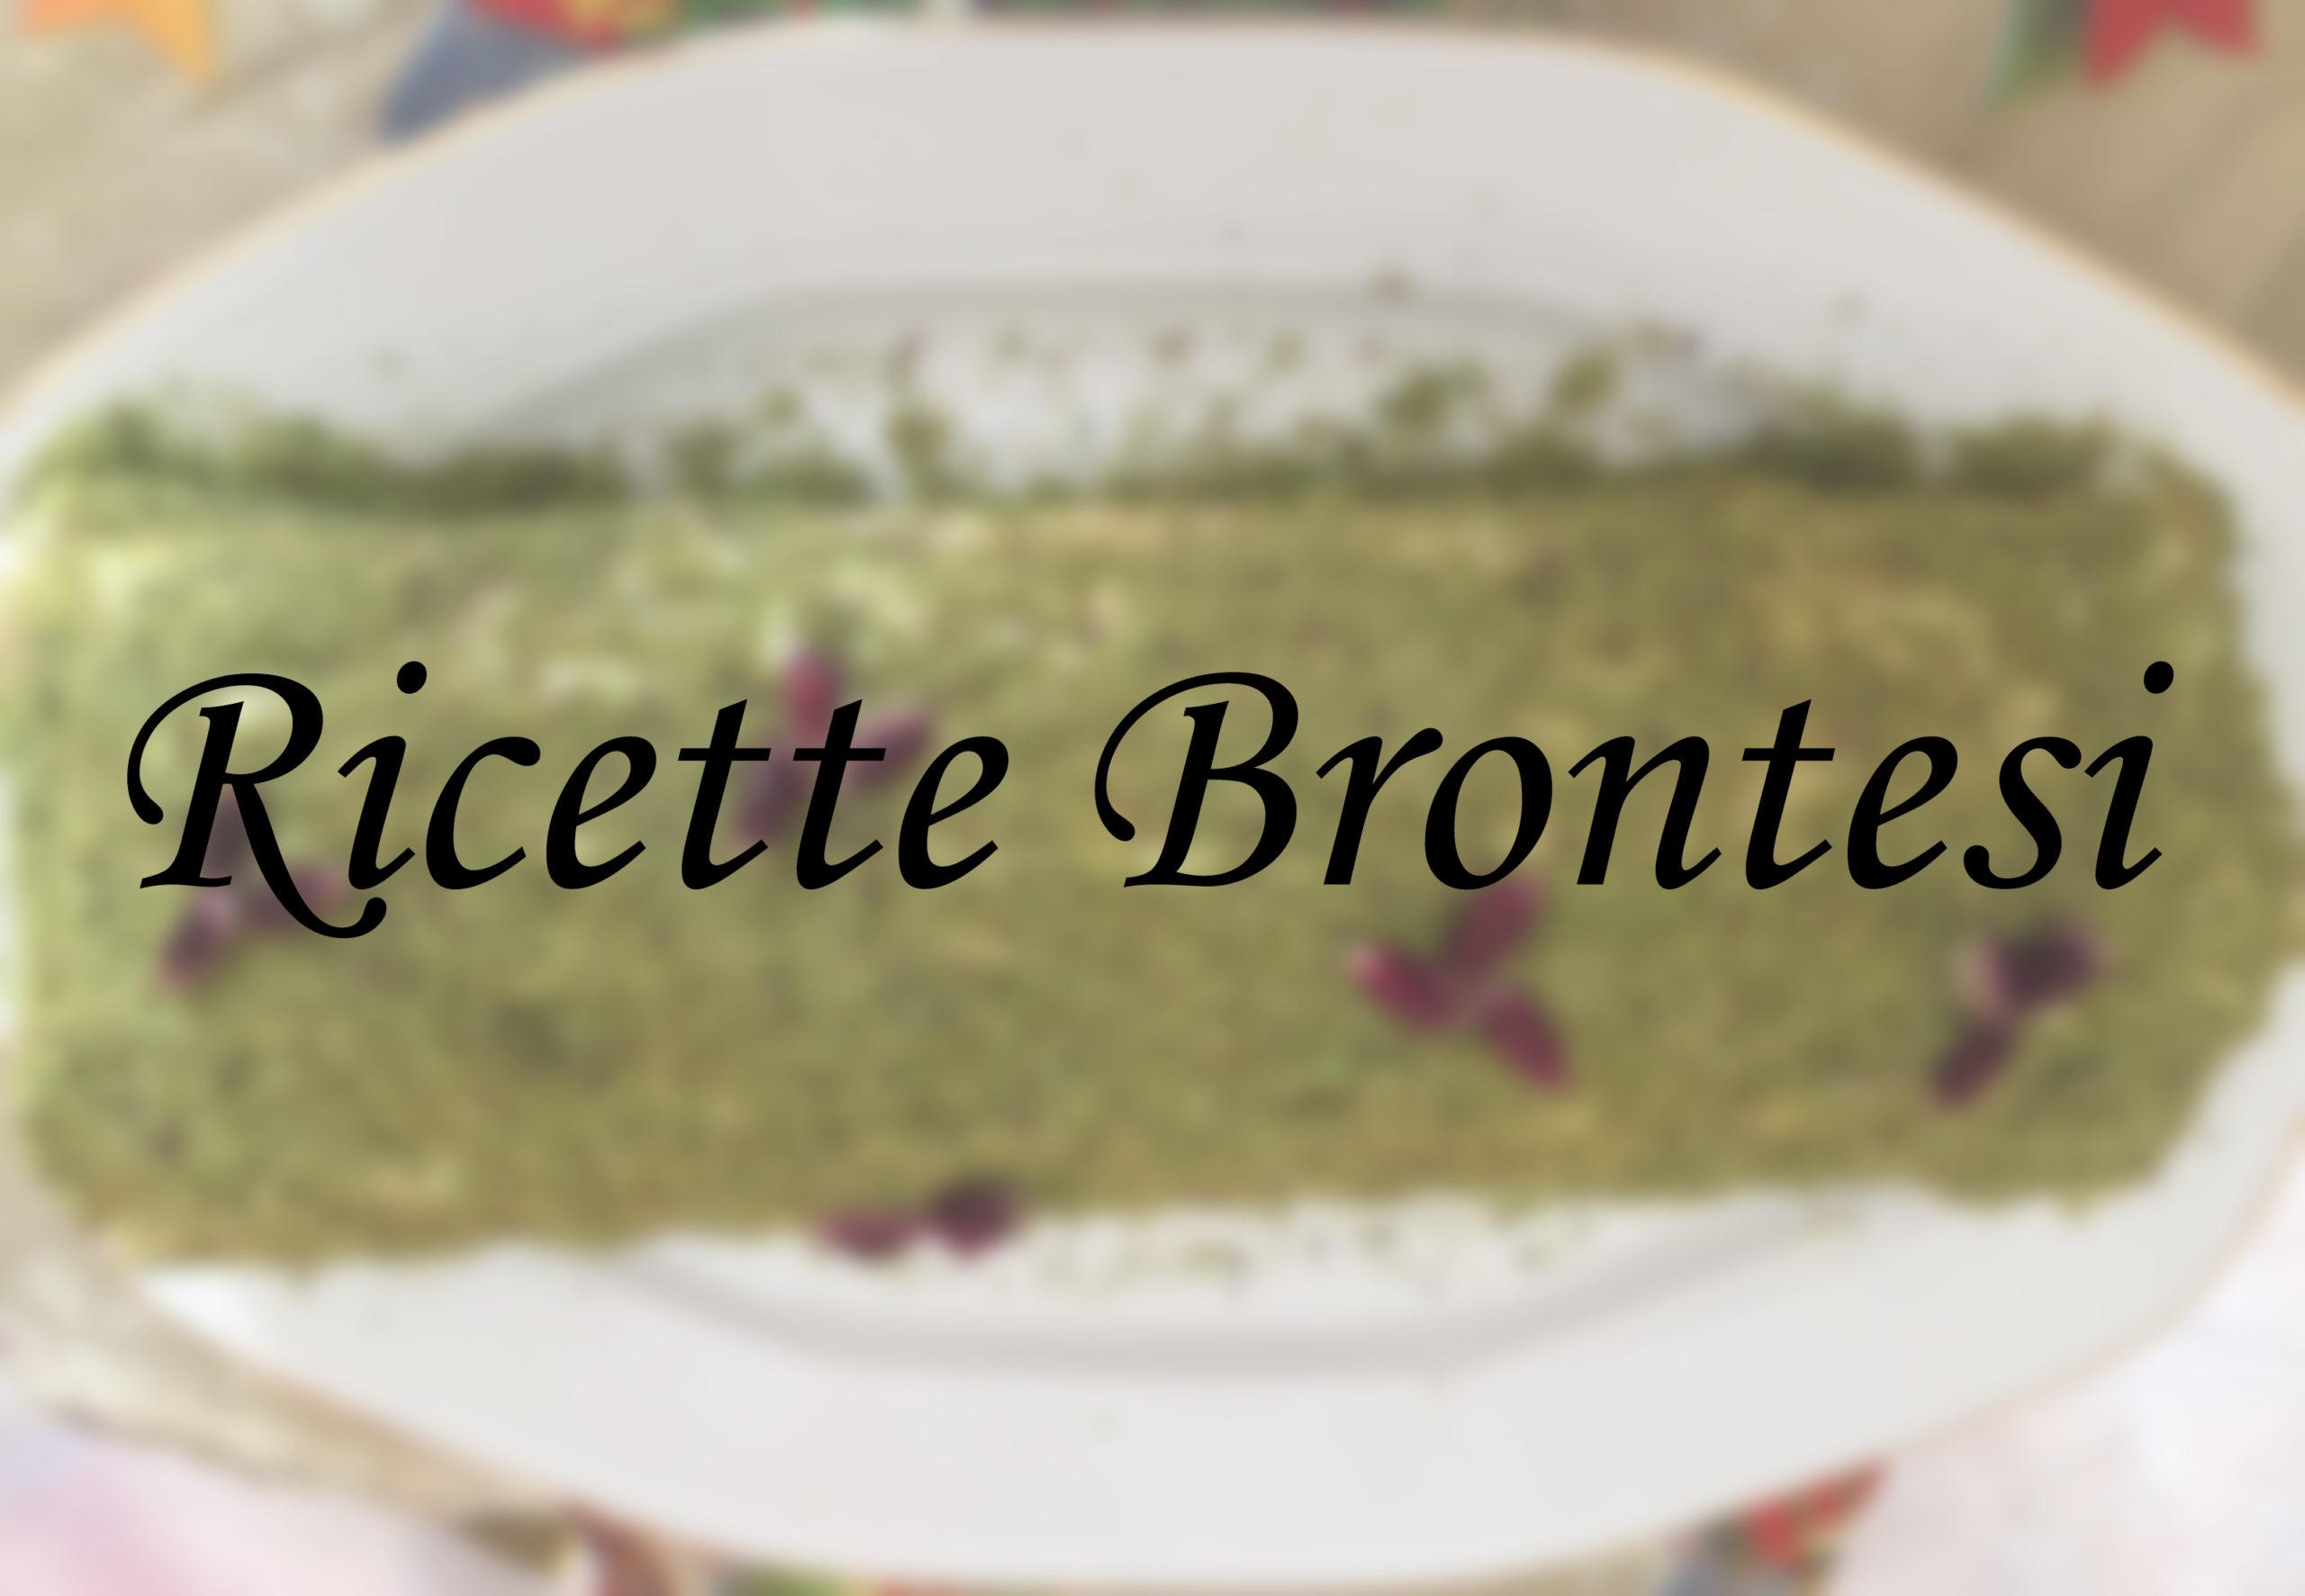 Ricette brontesi: Rotolo con crema al pistacchio